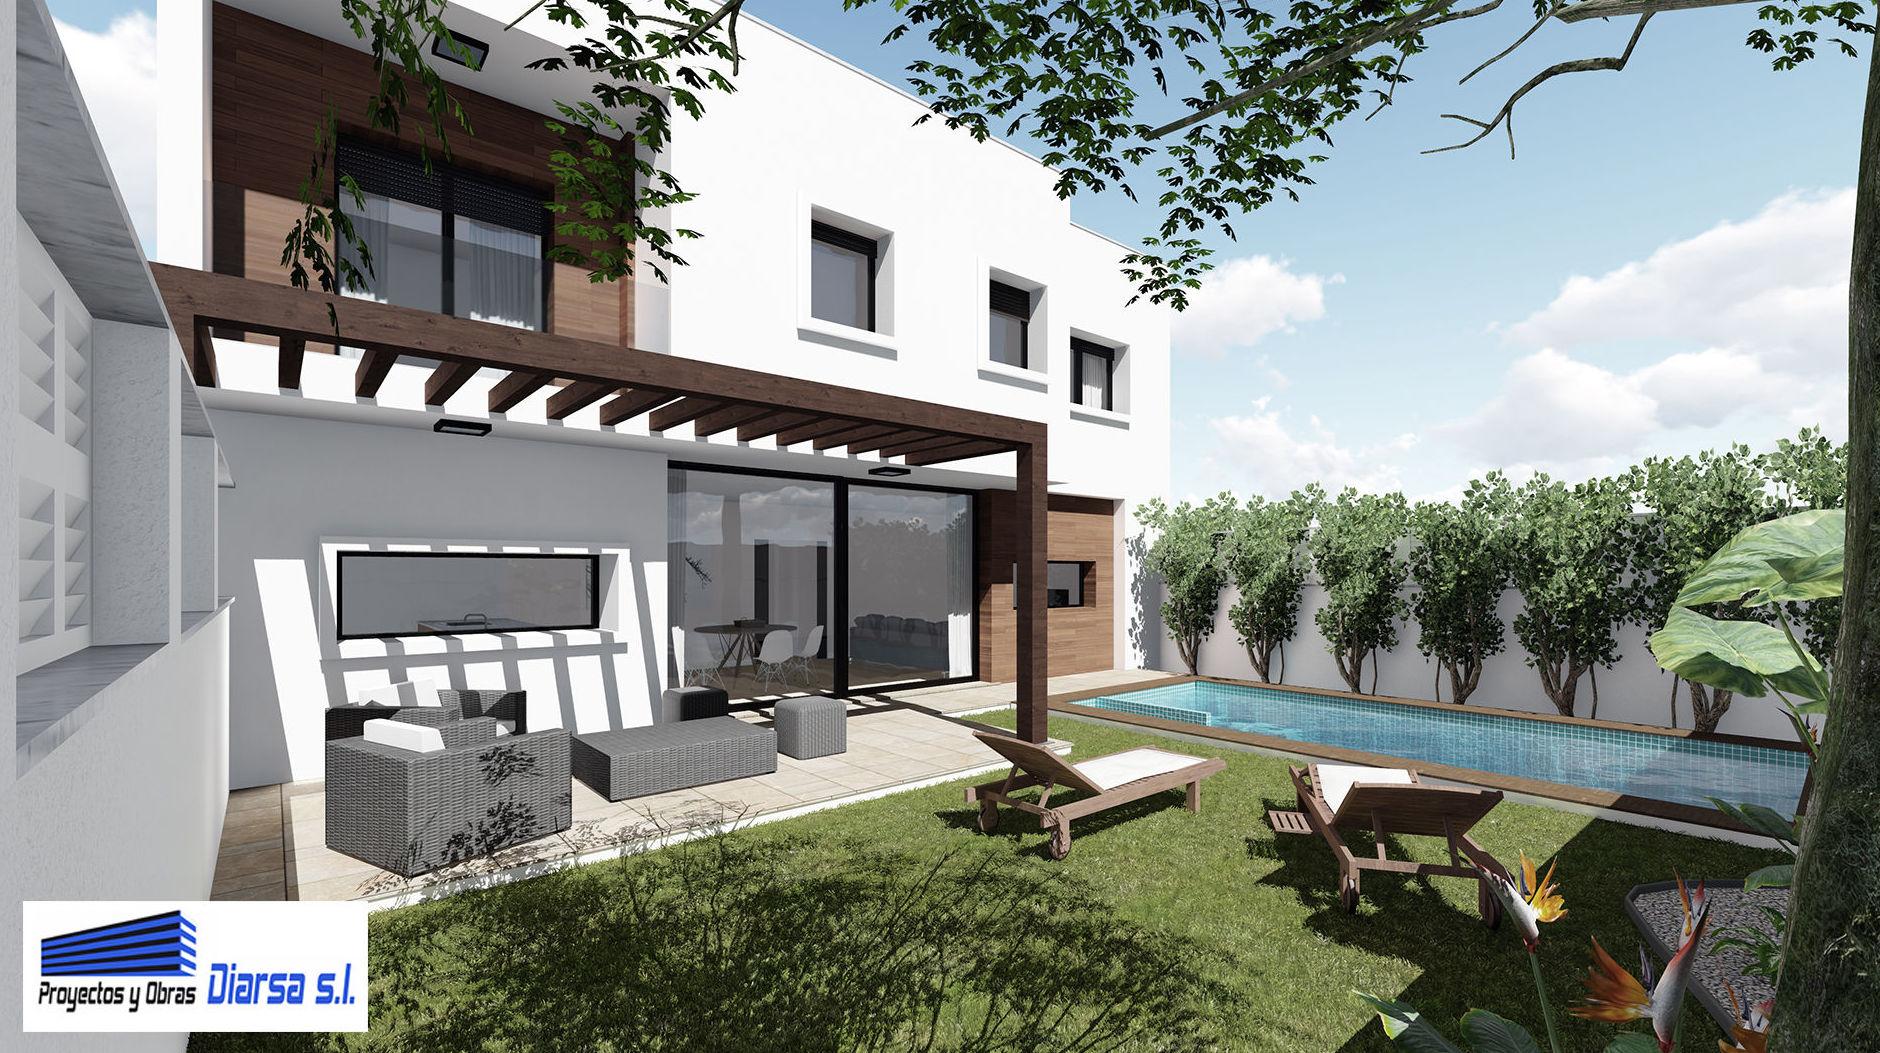 Foto 1 de Construcciones y obras en Parla | Proyectos y Obras Diarsa